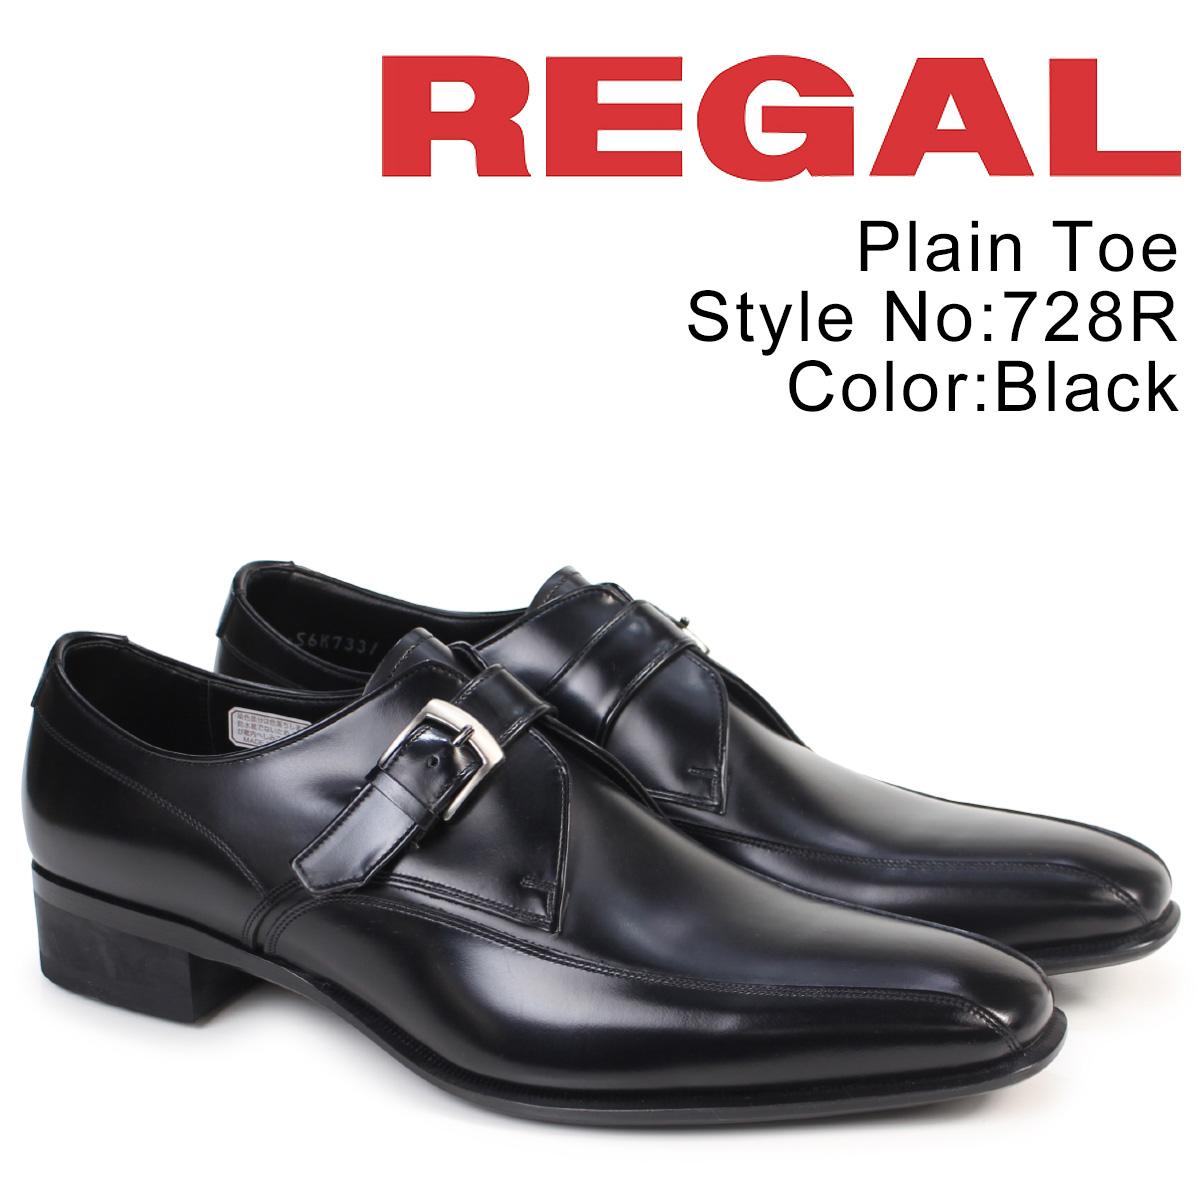 REGAL 靴 メンズ リーガル スワールモンク 728RAL モンクストラップ ビジネスシューズ ロングノーズ 日本製 ブラック